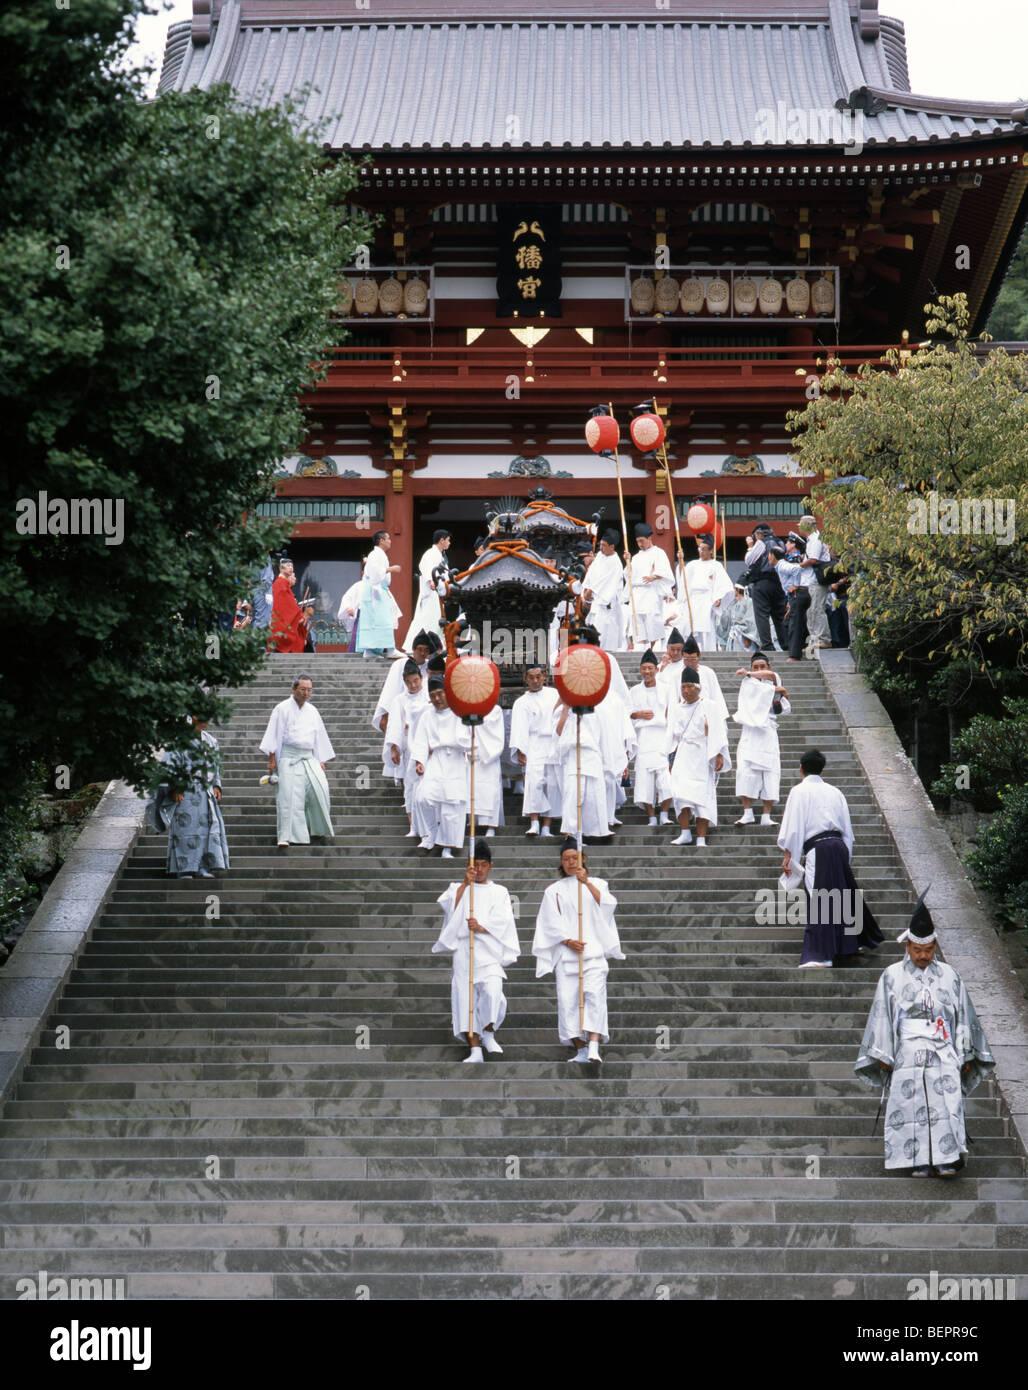 Hachimangu Shrine Festival,  Kamakura, Kanagawa, Japan - Stock Image